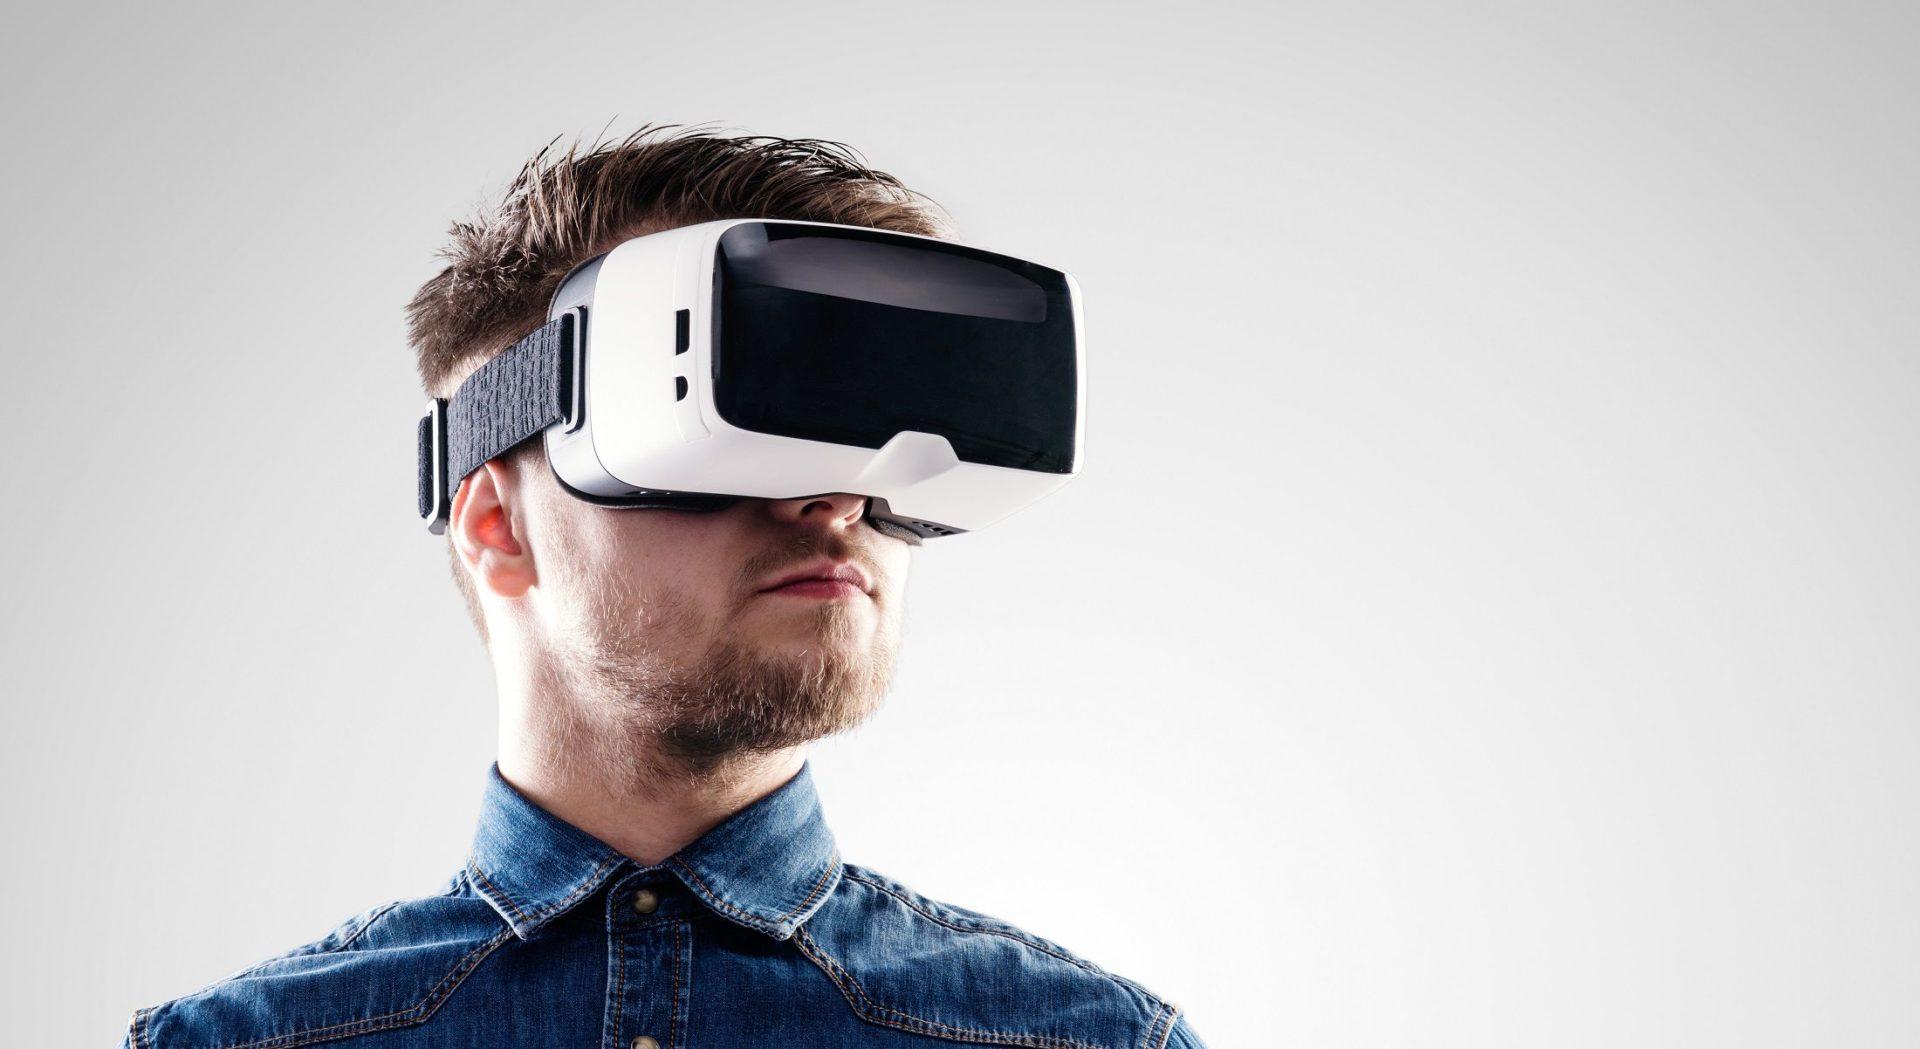 De wonderlijke wereld van VR